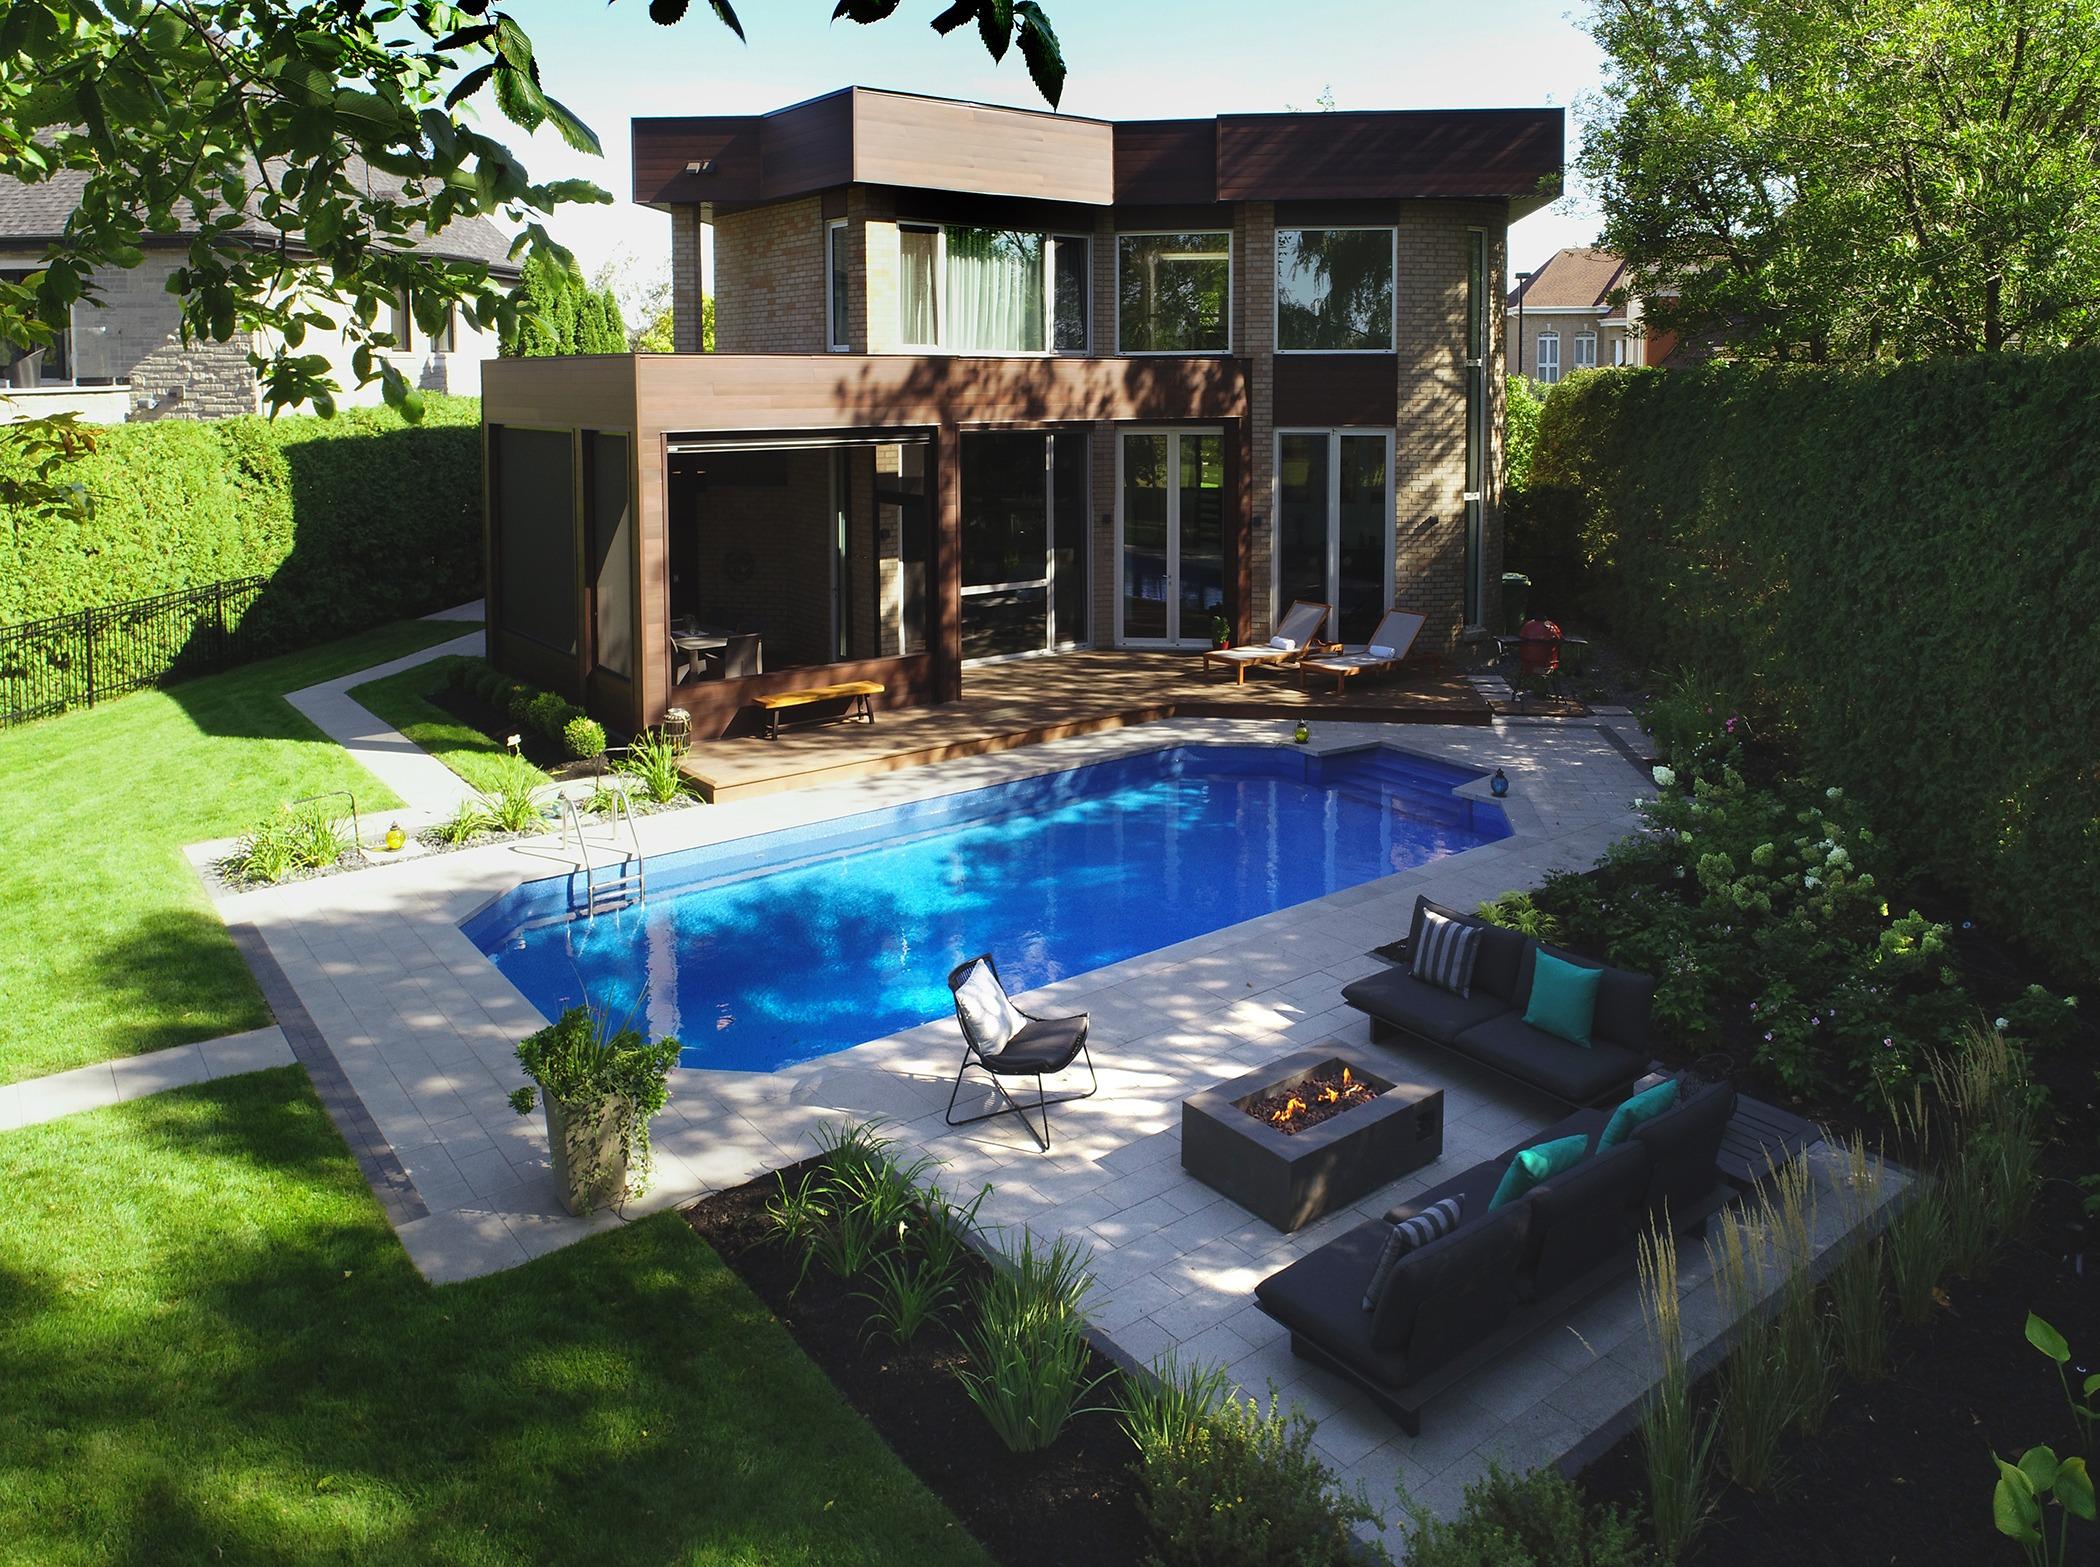 Aménagement paysager arrière, avec piscine, foyer et divans extérieurs